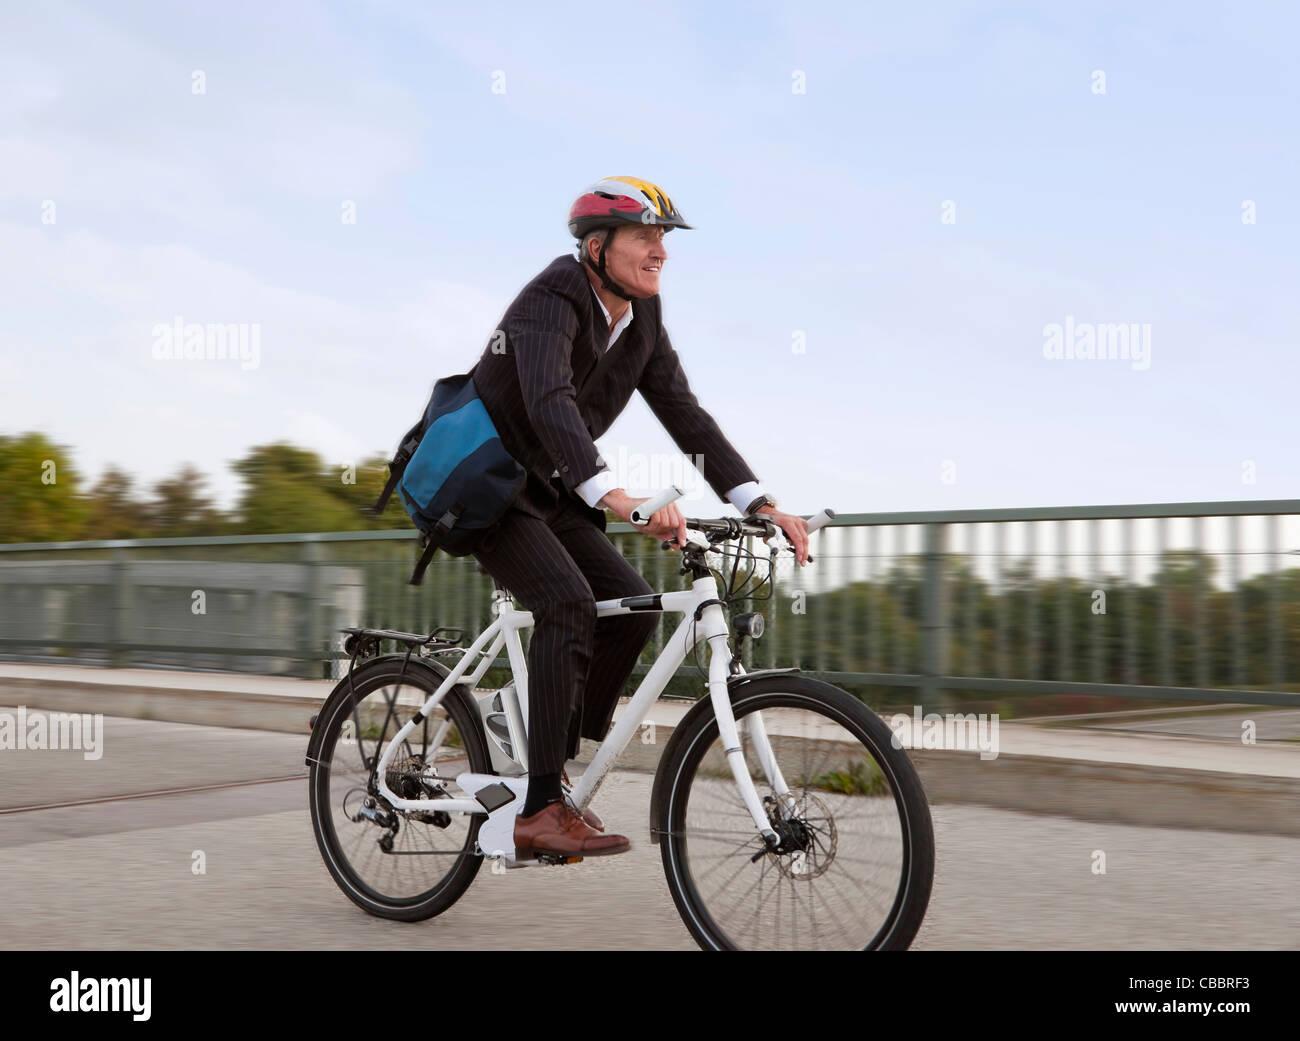 Businessman riding bicycle on bridge Banque D'Images